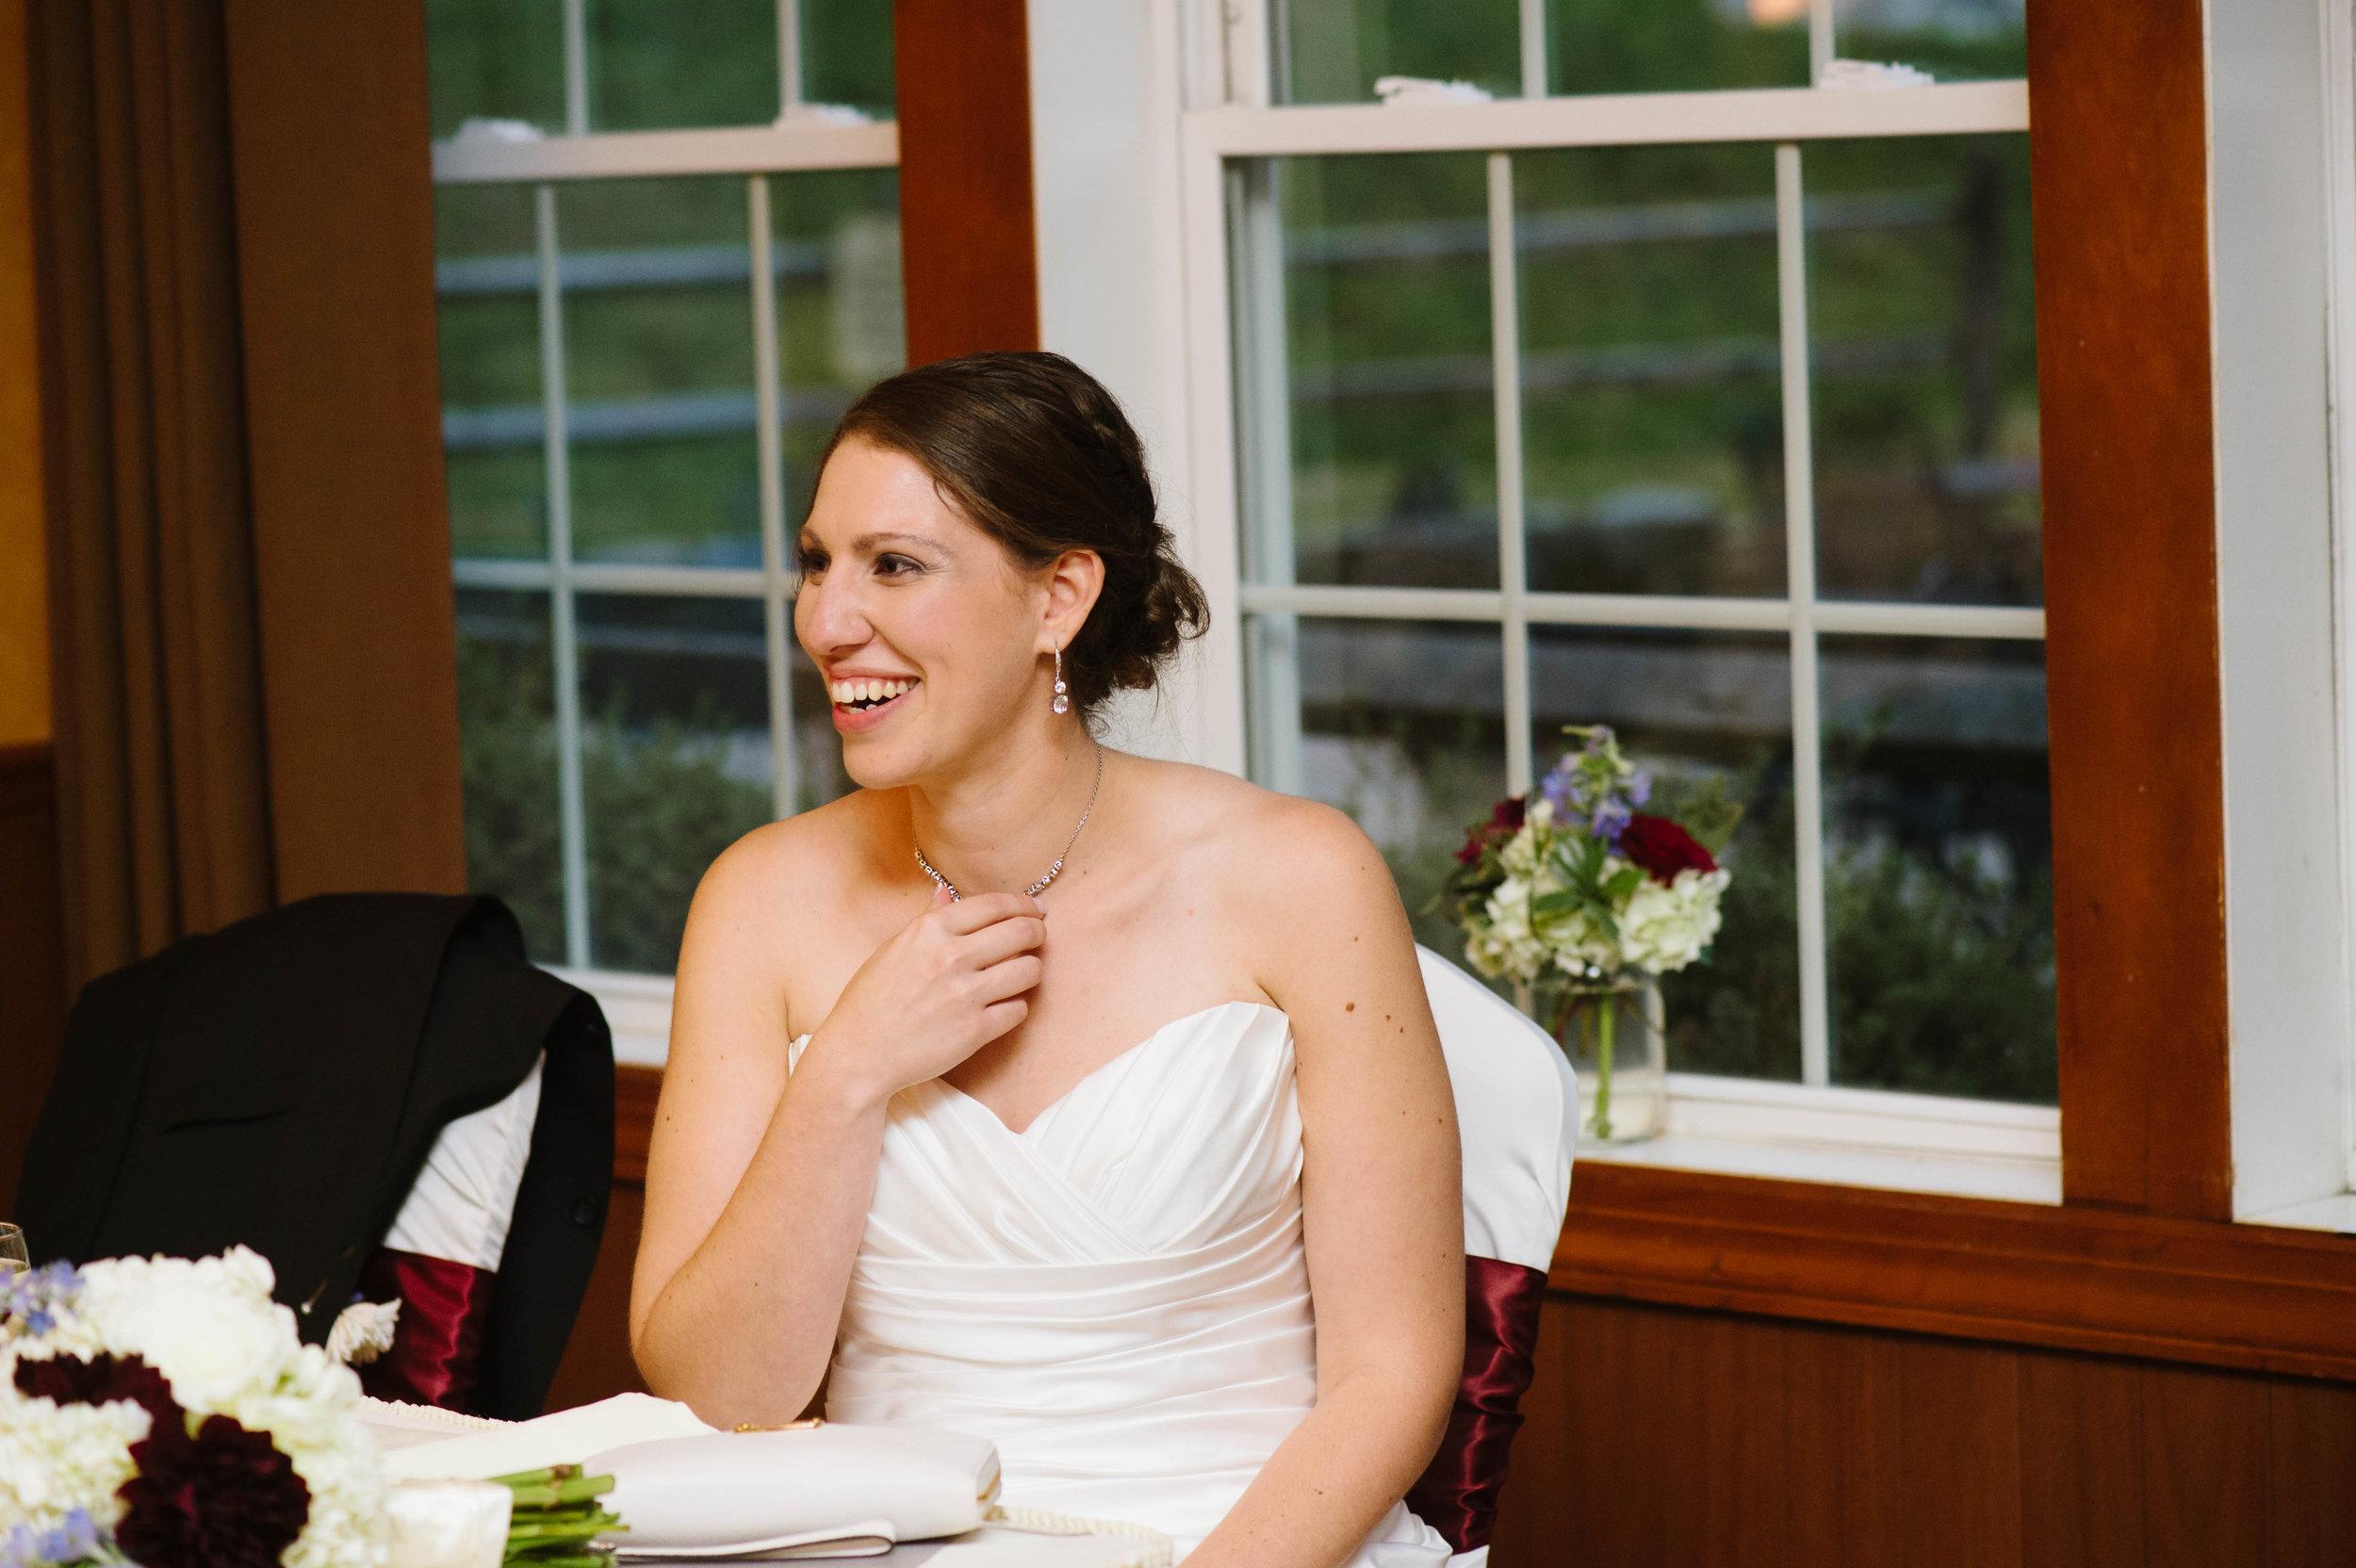 Candid-Wedding-Photography-Massachusetts025.jpg